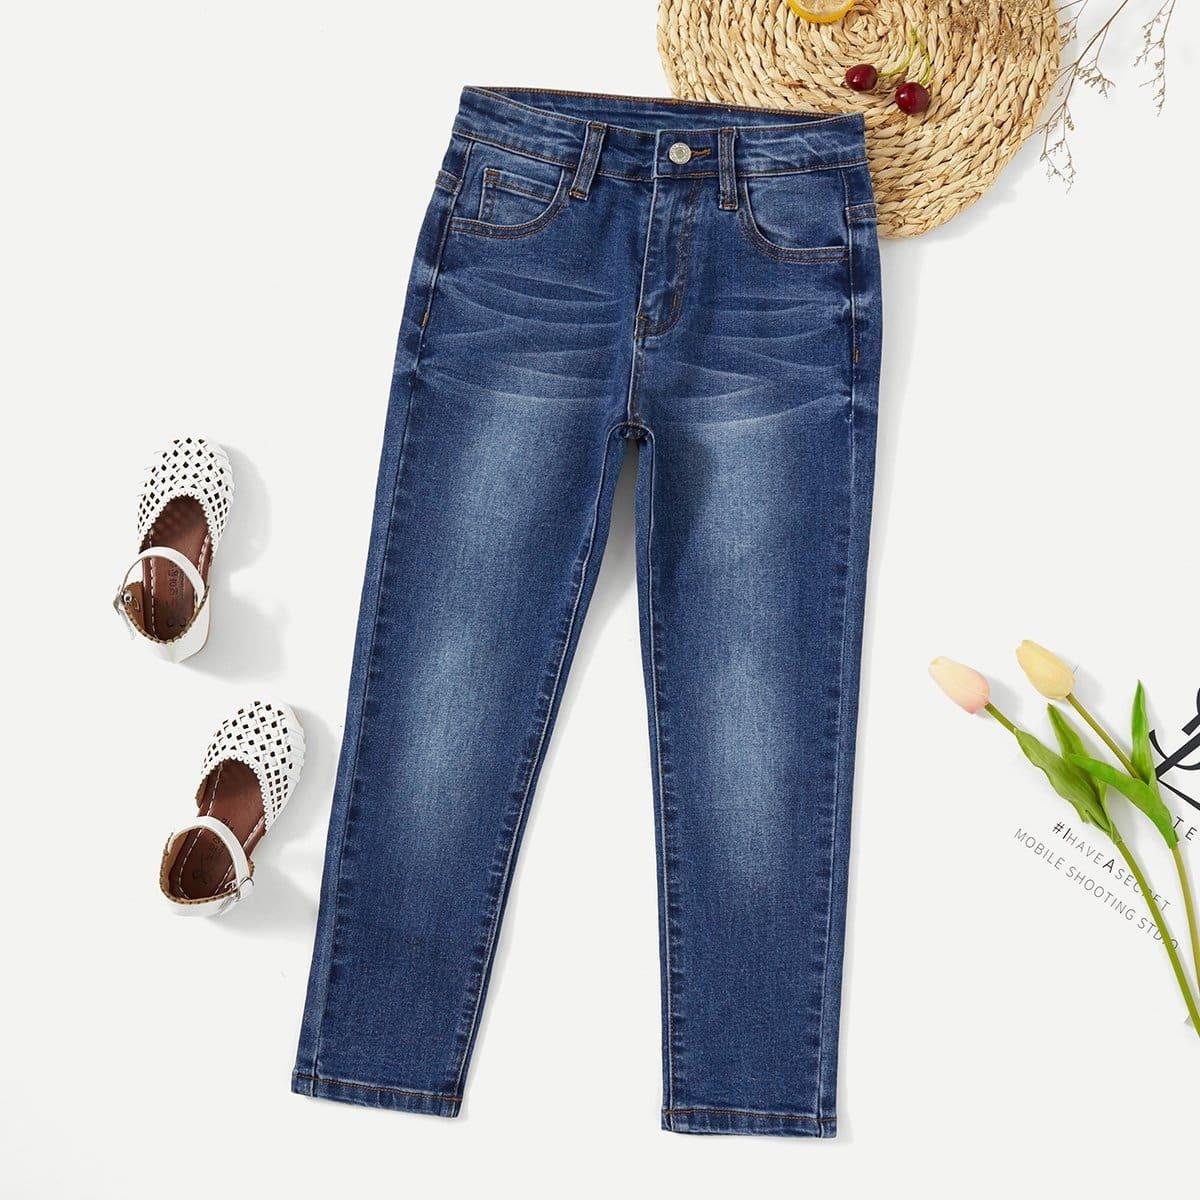 Отбеленные облегающие джинсы для девочки